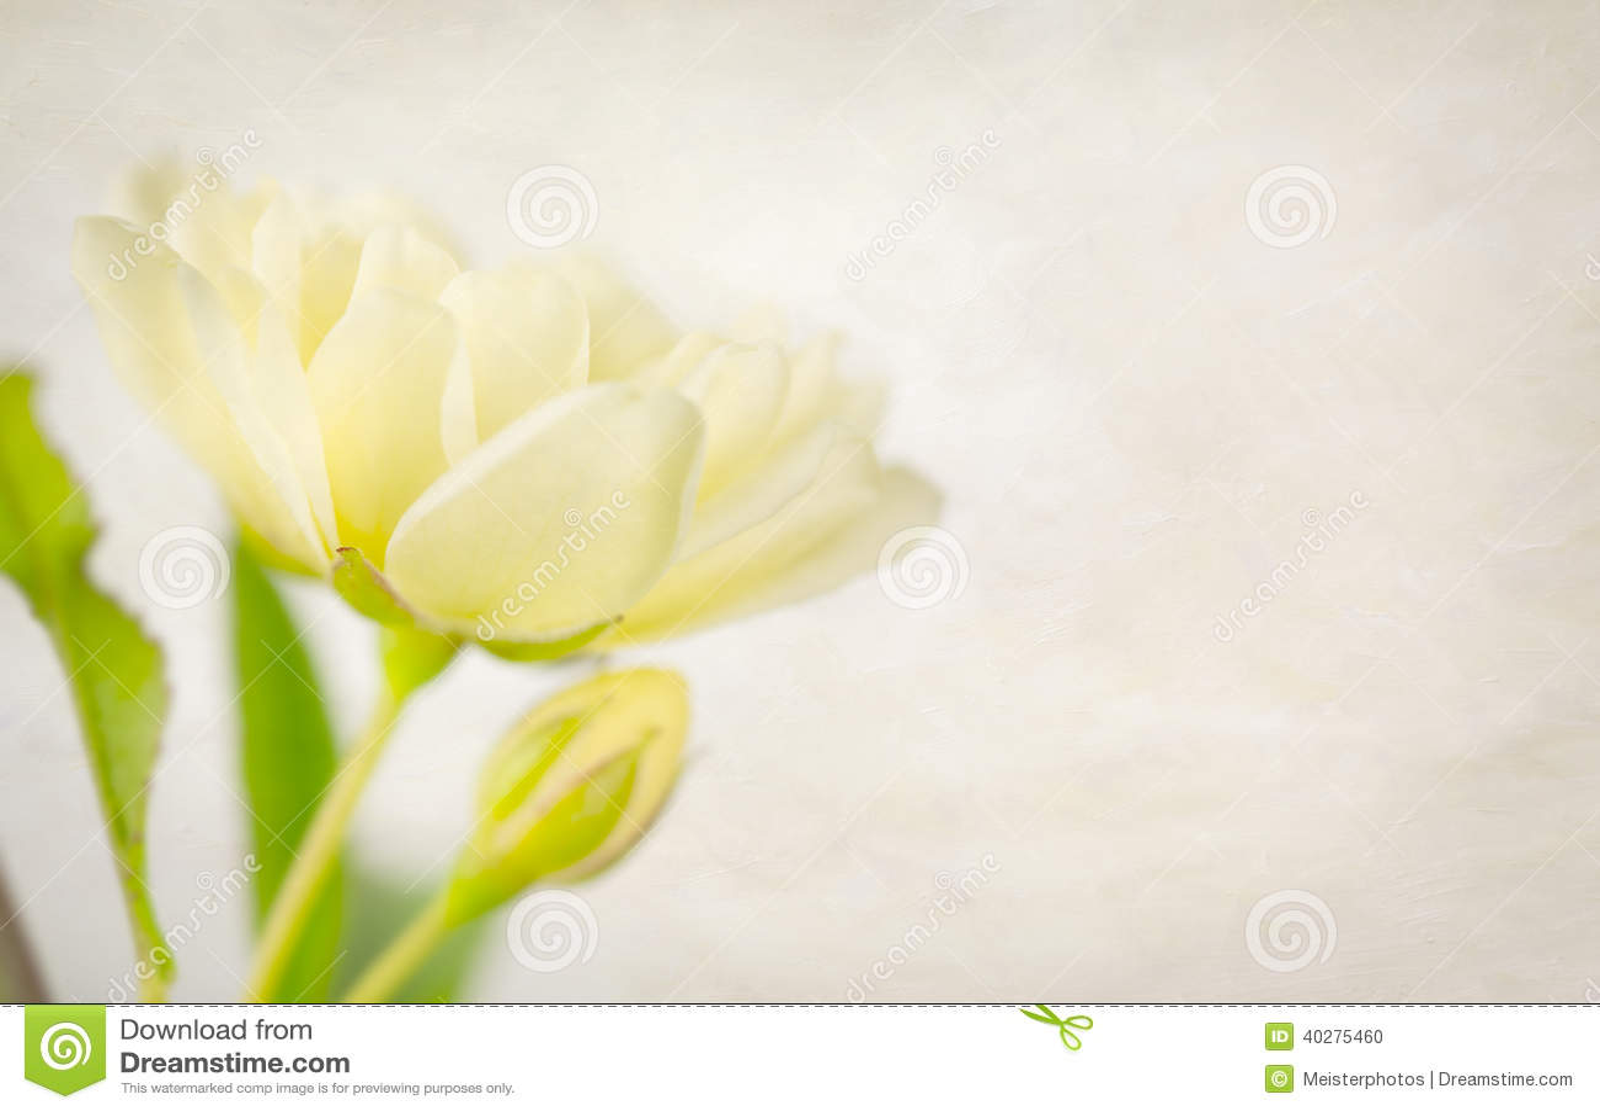 Приглушенные желтые роза и бутон с текстурой